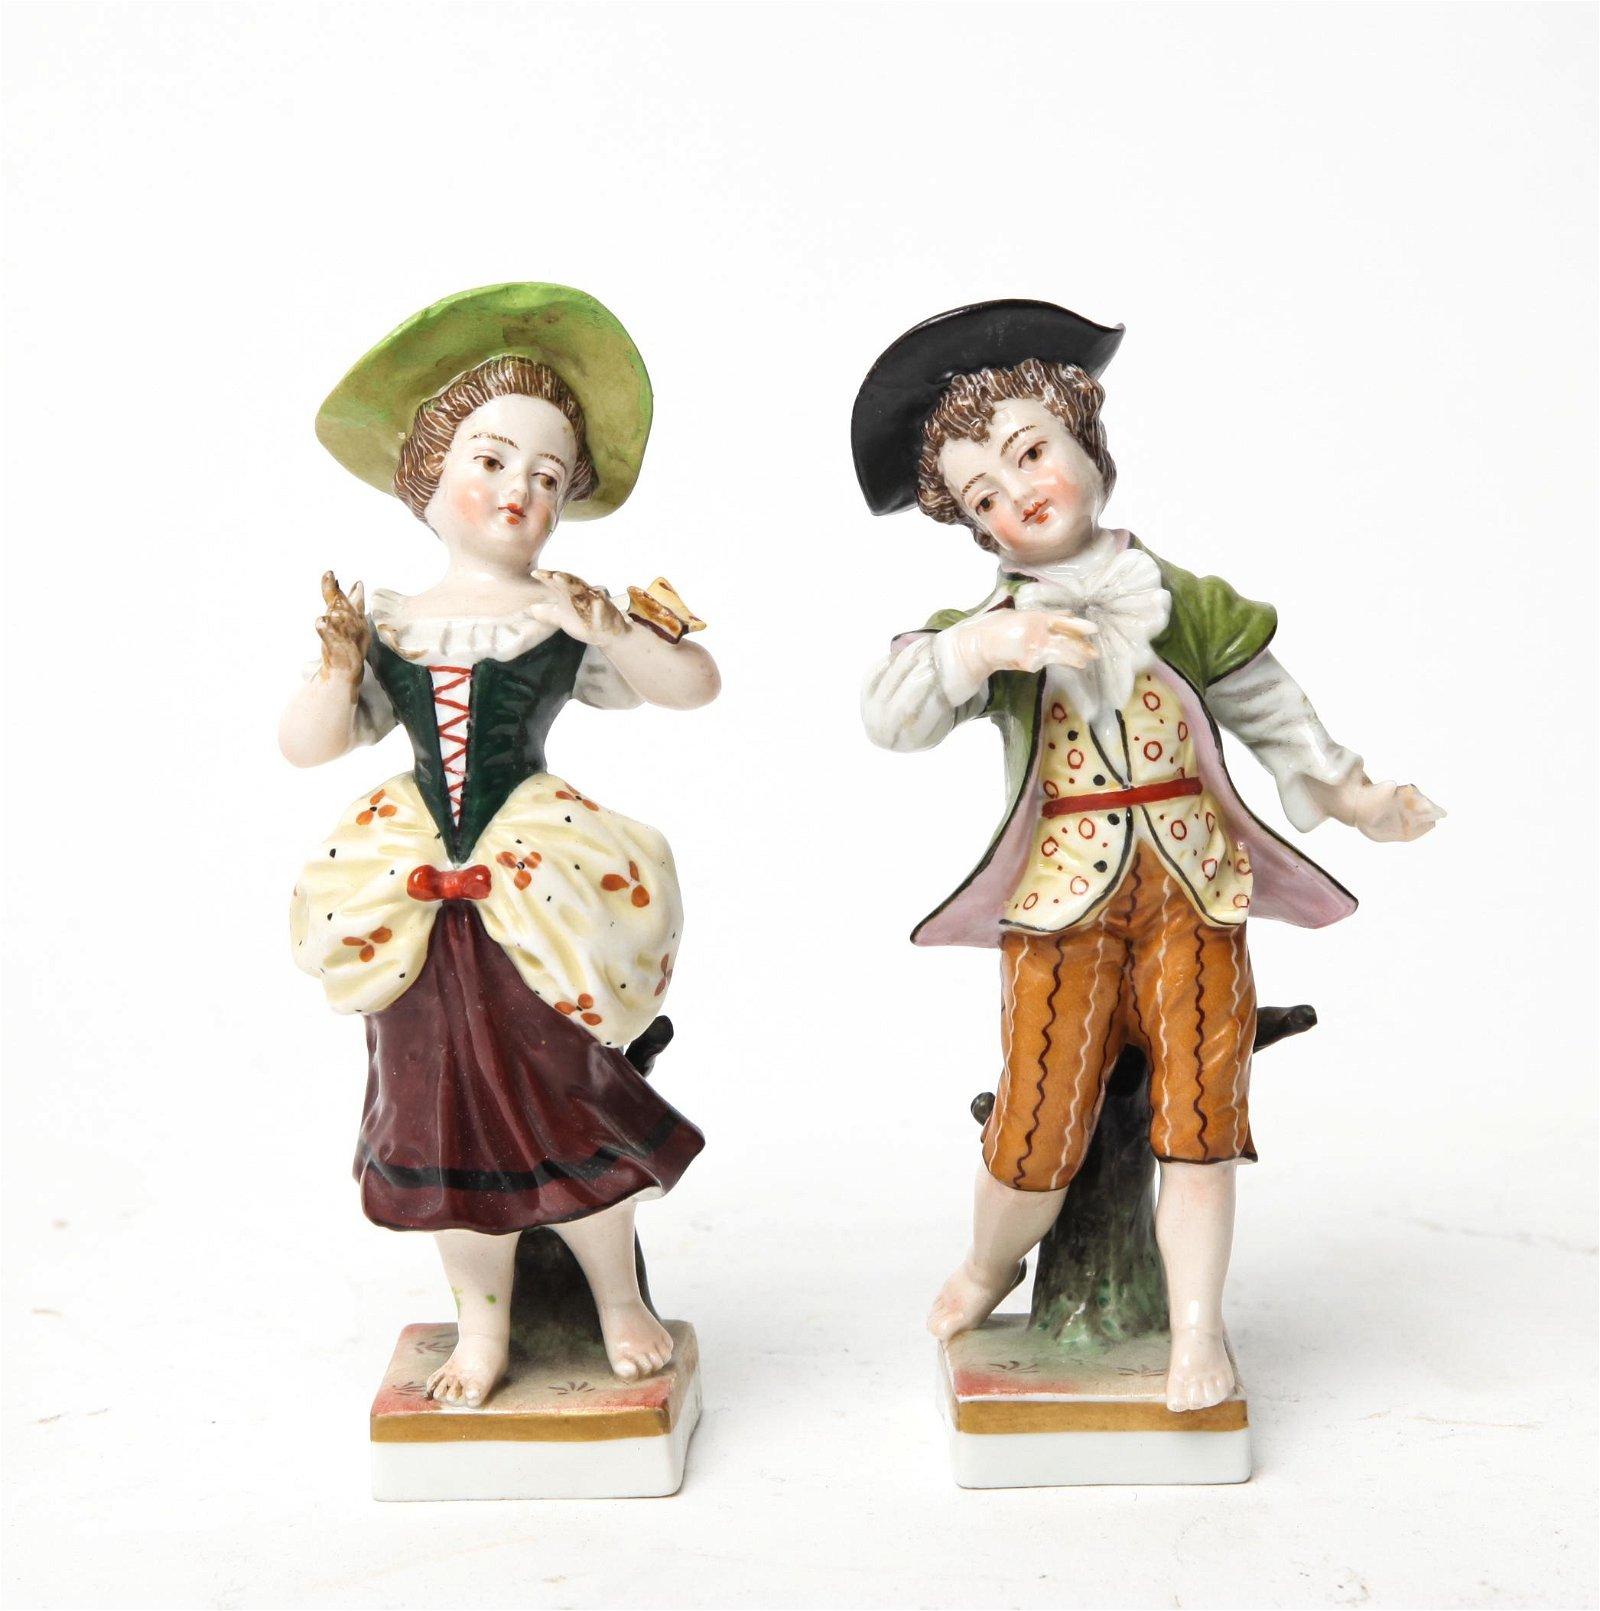 Meissen Manner Porcelain Figural Sculptures, 2